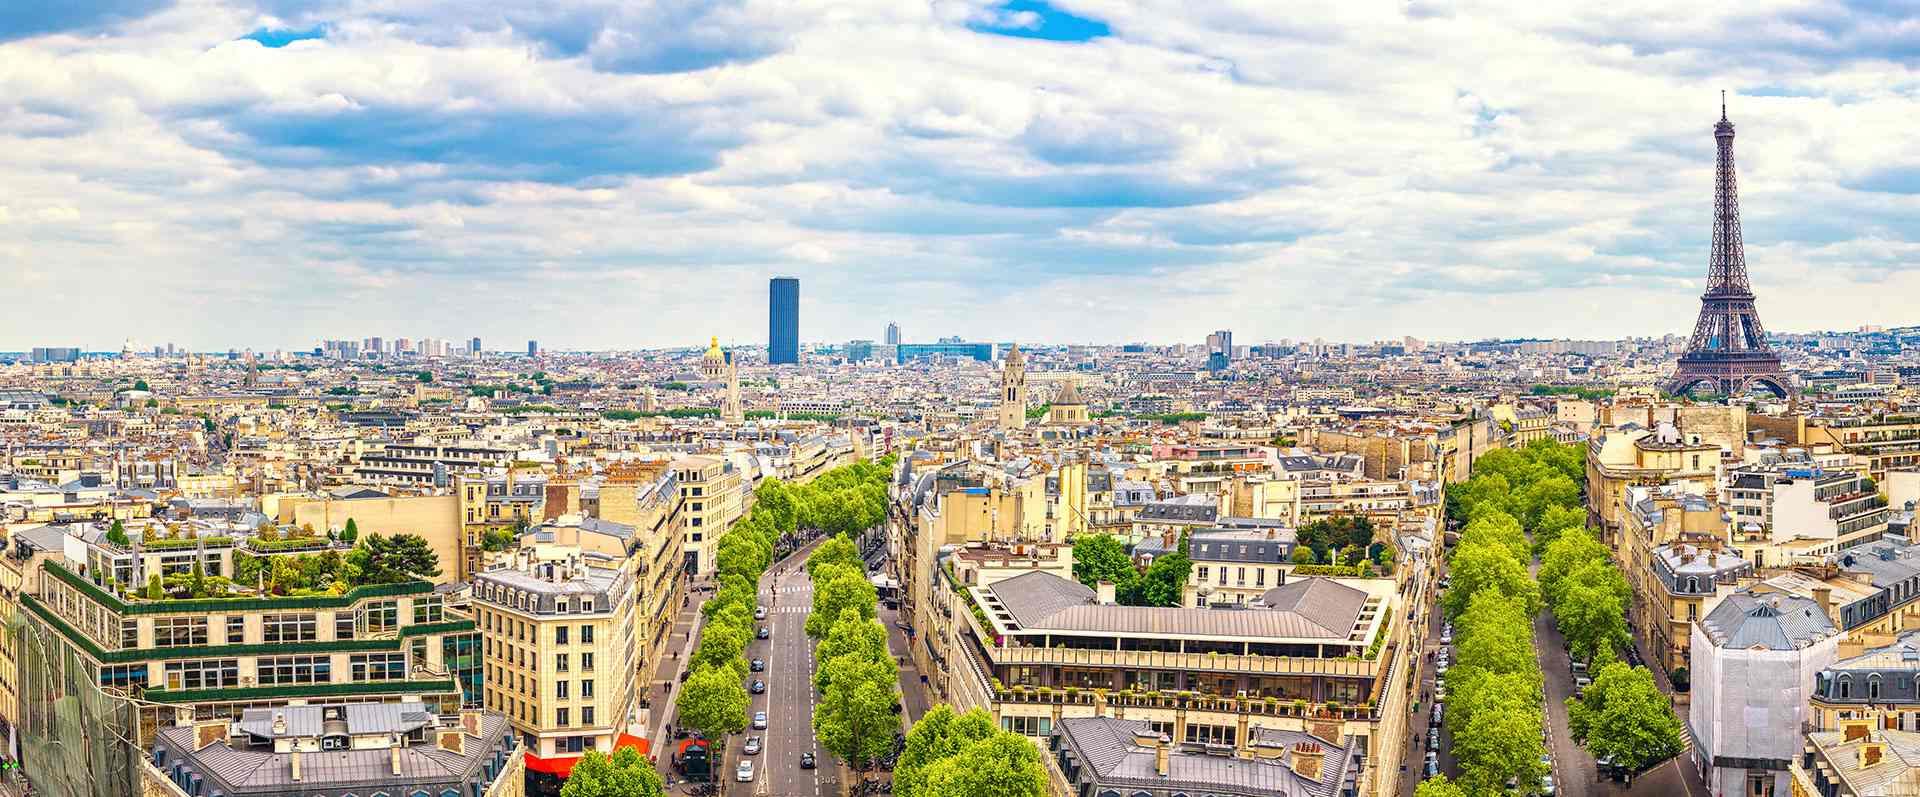 paris-france-panoramic-view-arc-de-triomphe-2